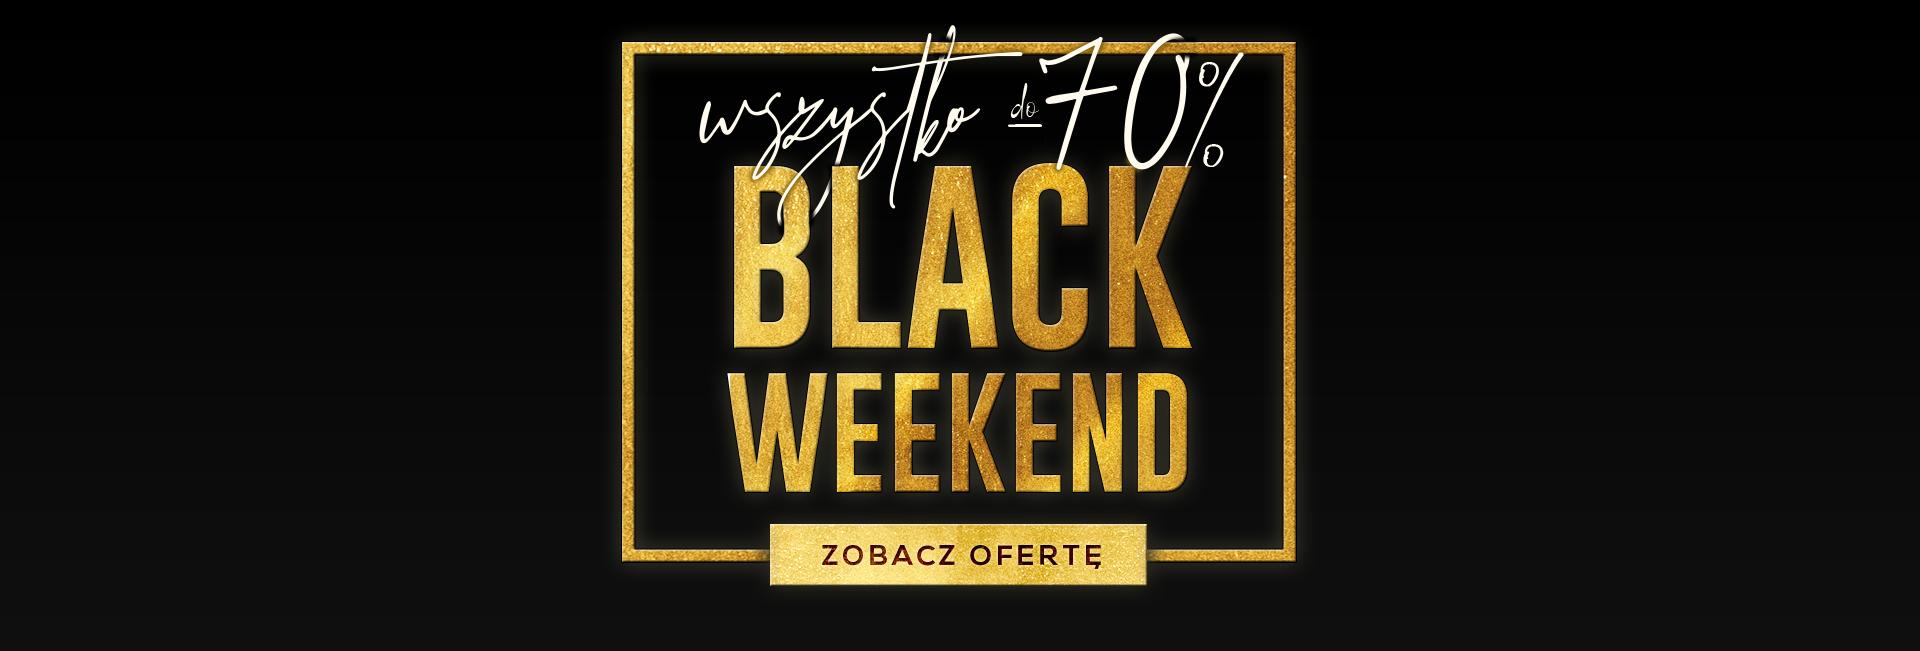 Fabryka Outlet: Black Weekend wyprzedaż do 70% rabatu na markową odzież oraz obuwie